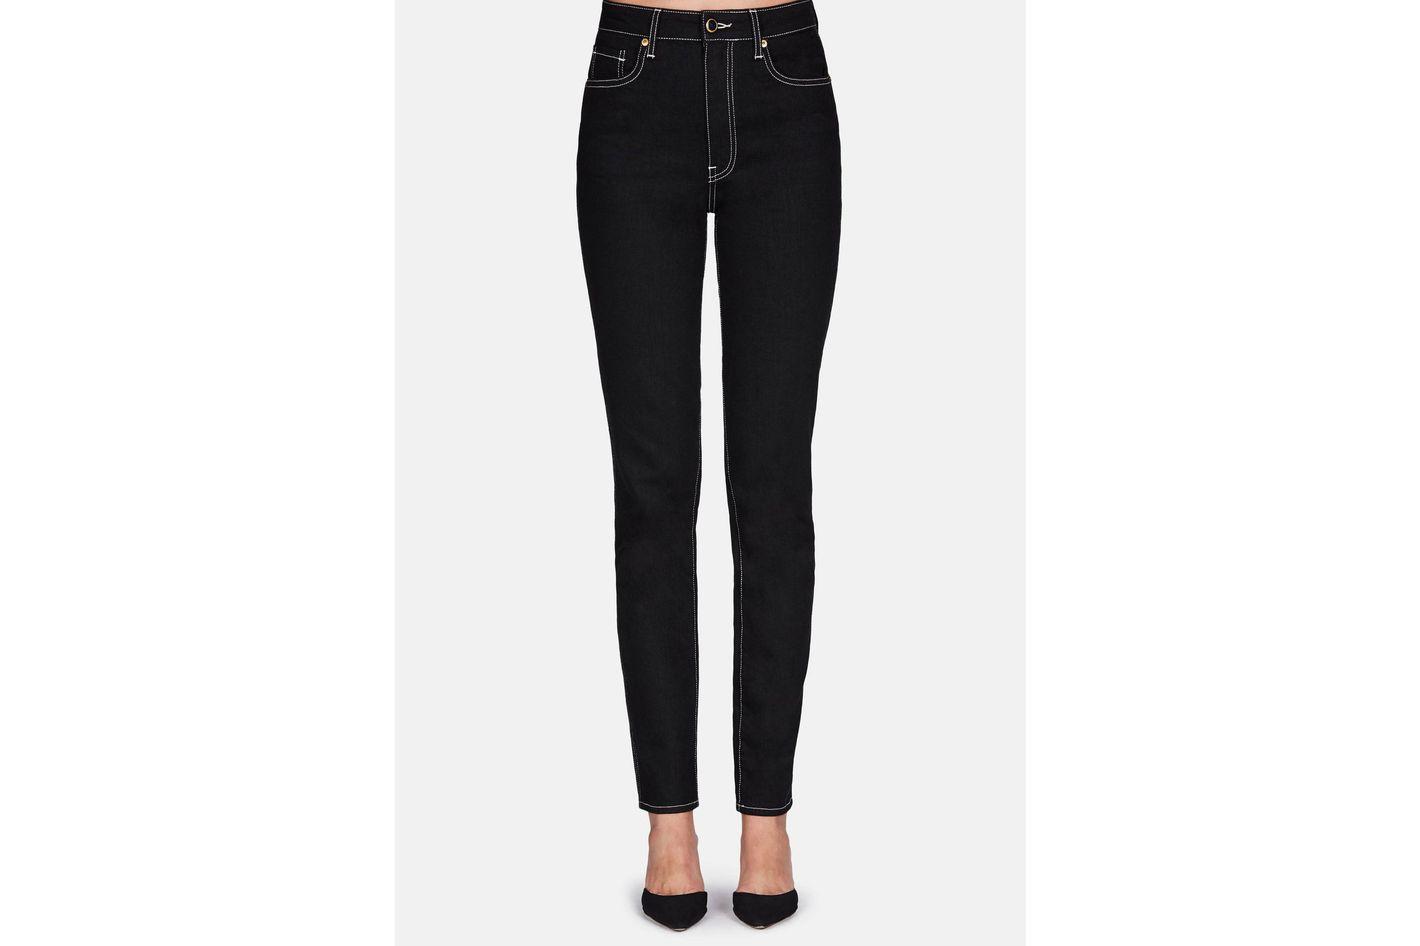 Khaite Vanessa High Rise Straight Jean